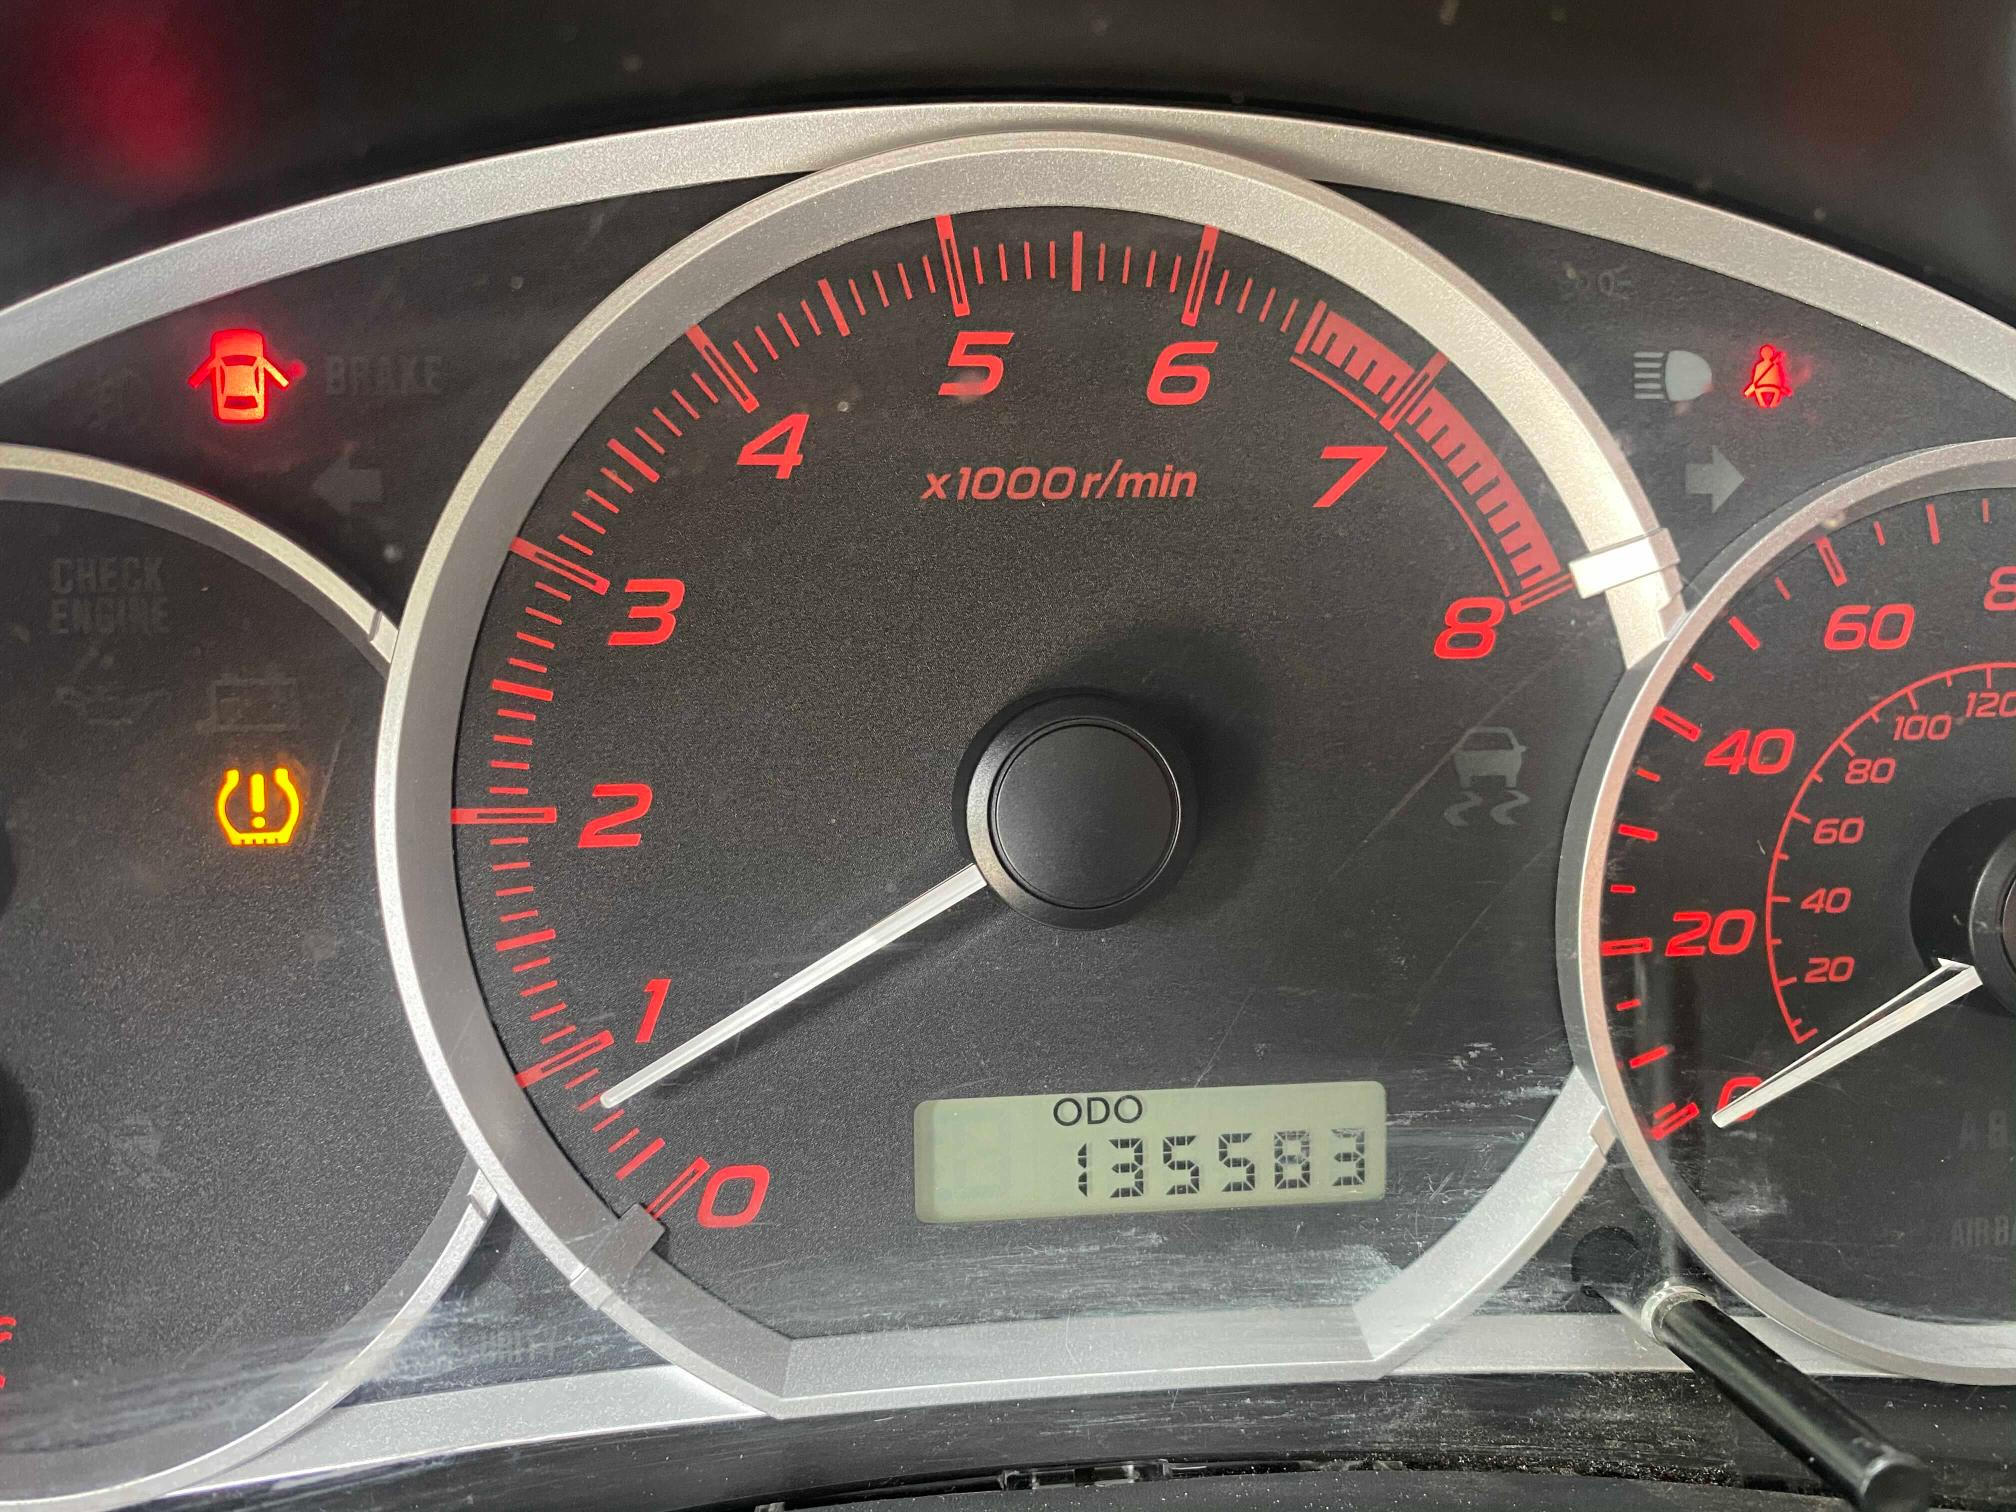 2011 SUBARU IMPREZA WR JF1GR7E69BG832396